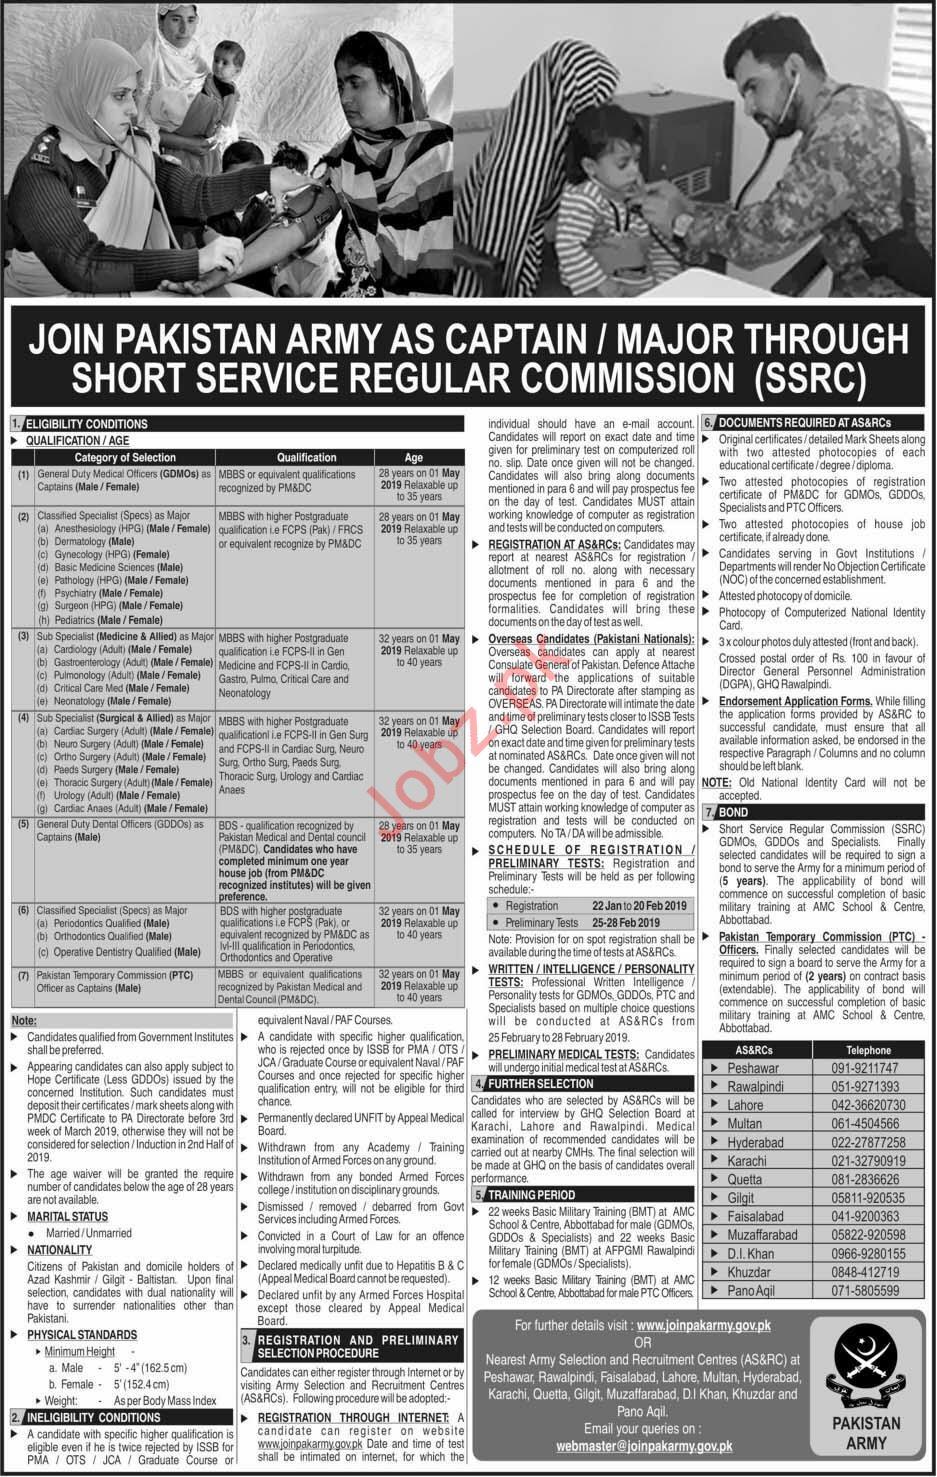 Join Pakistan Army As Captain / Major Through SSRC